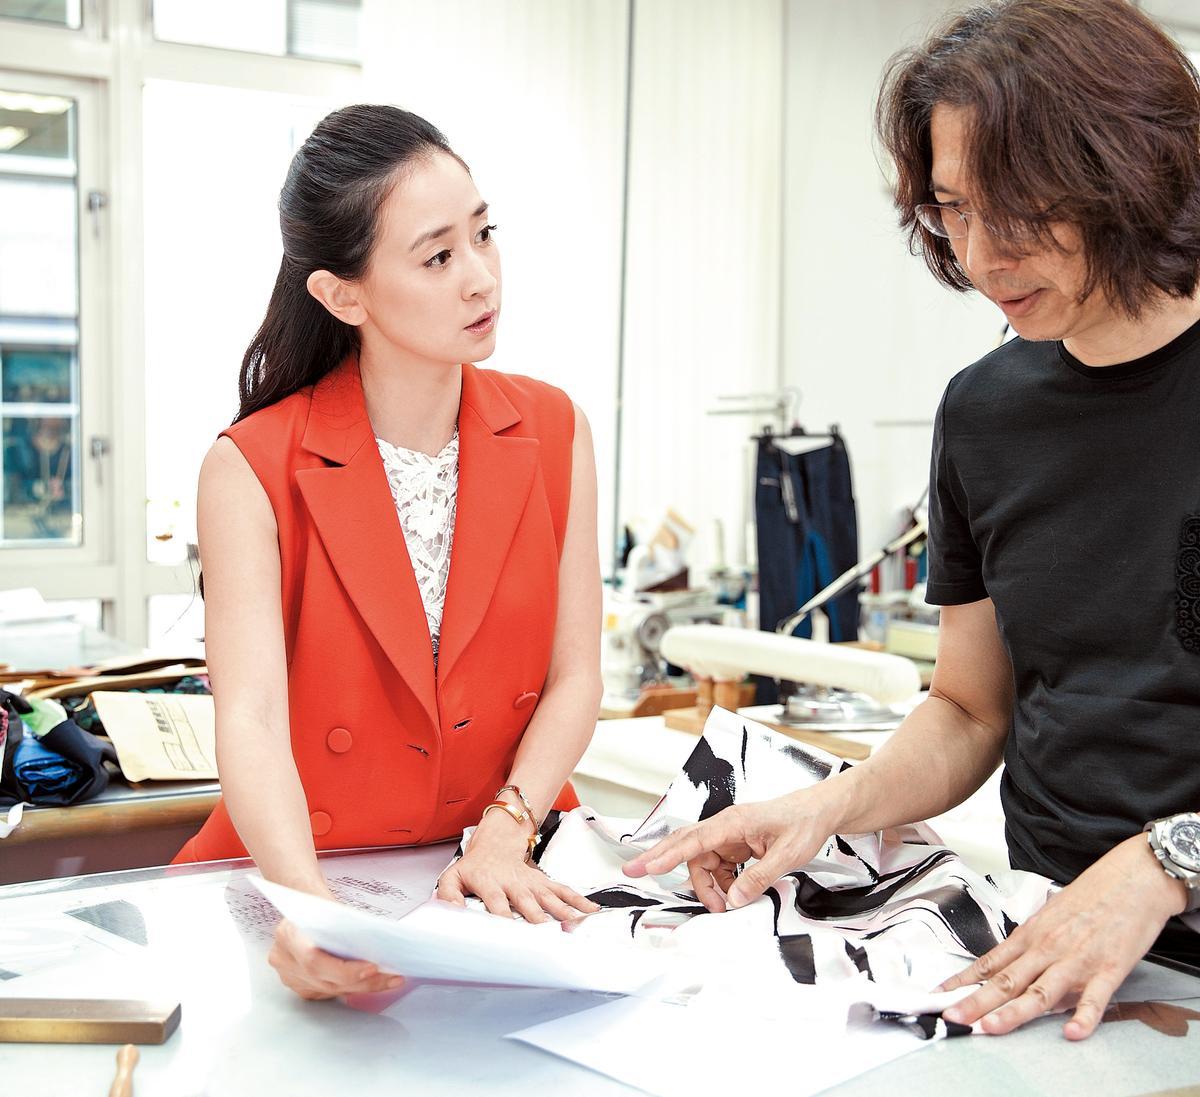 工作室中的學習與討論,是李晶晶每日的重點時光。